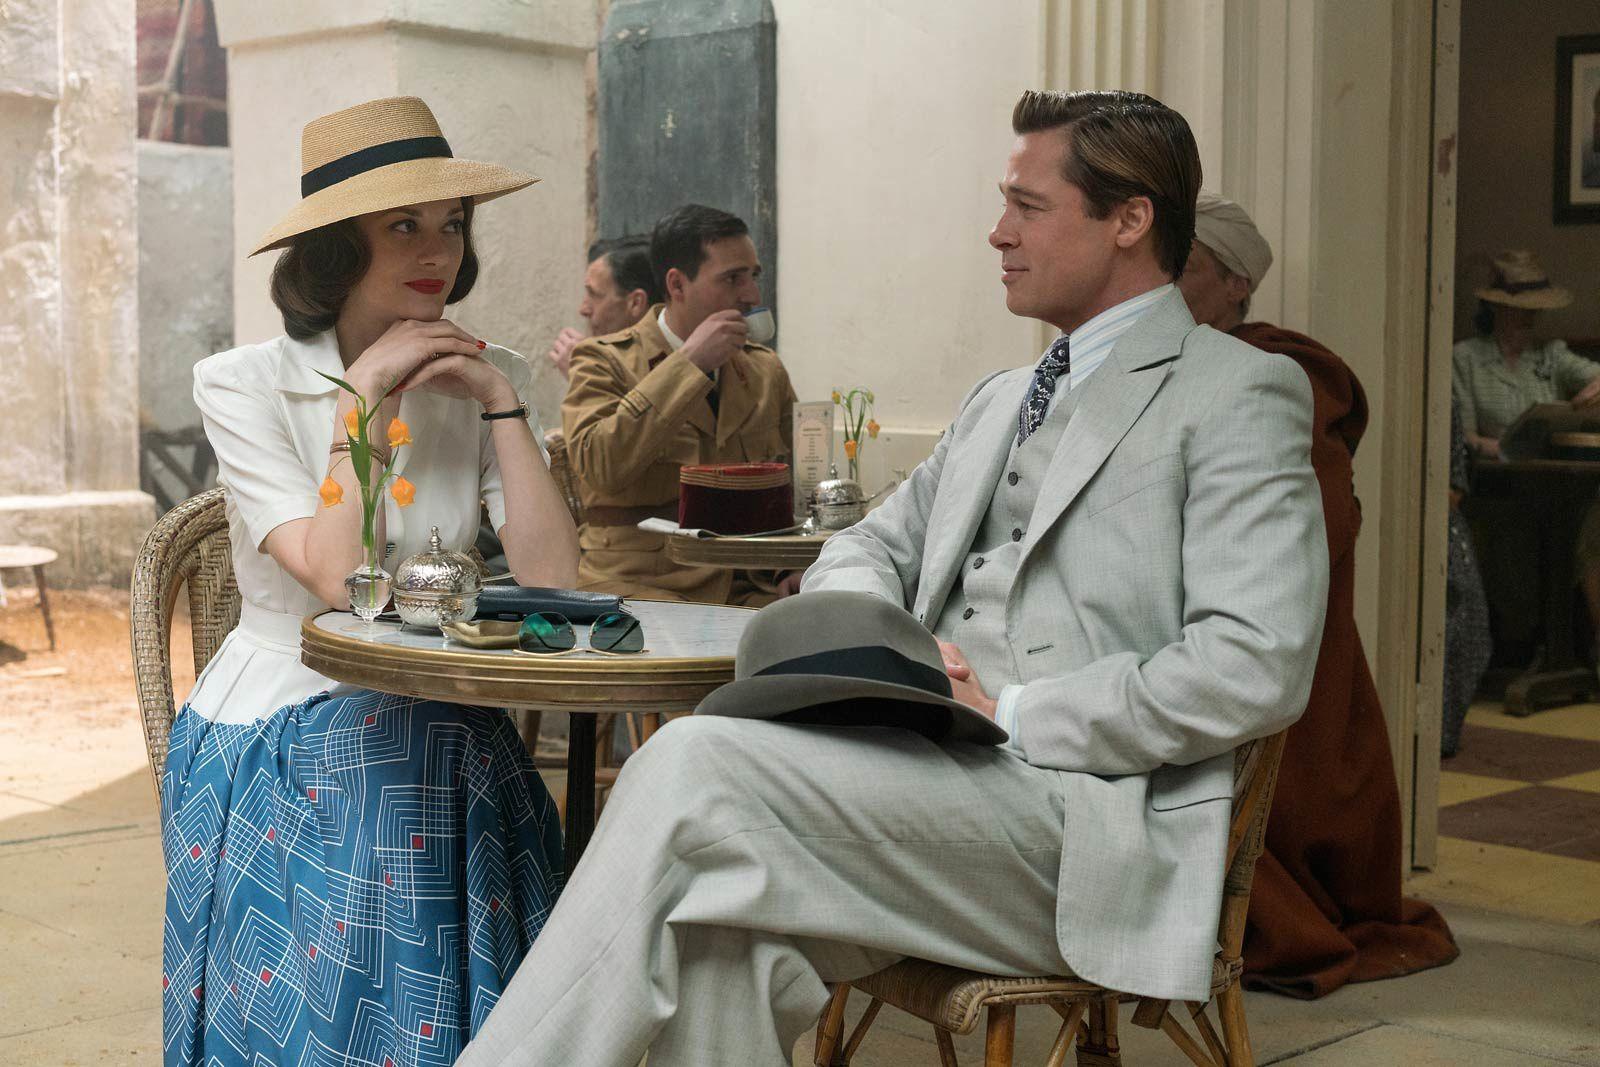 Alliés (BANDE ANNONCE VF et VOST) de Robert Zemeckis avec Brad Pitt, Marion Cotillard -  Le 23 novembre 2016 au cinéma (Allied)